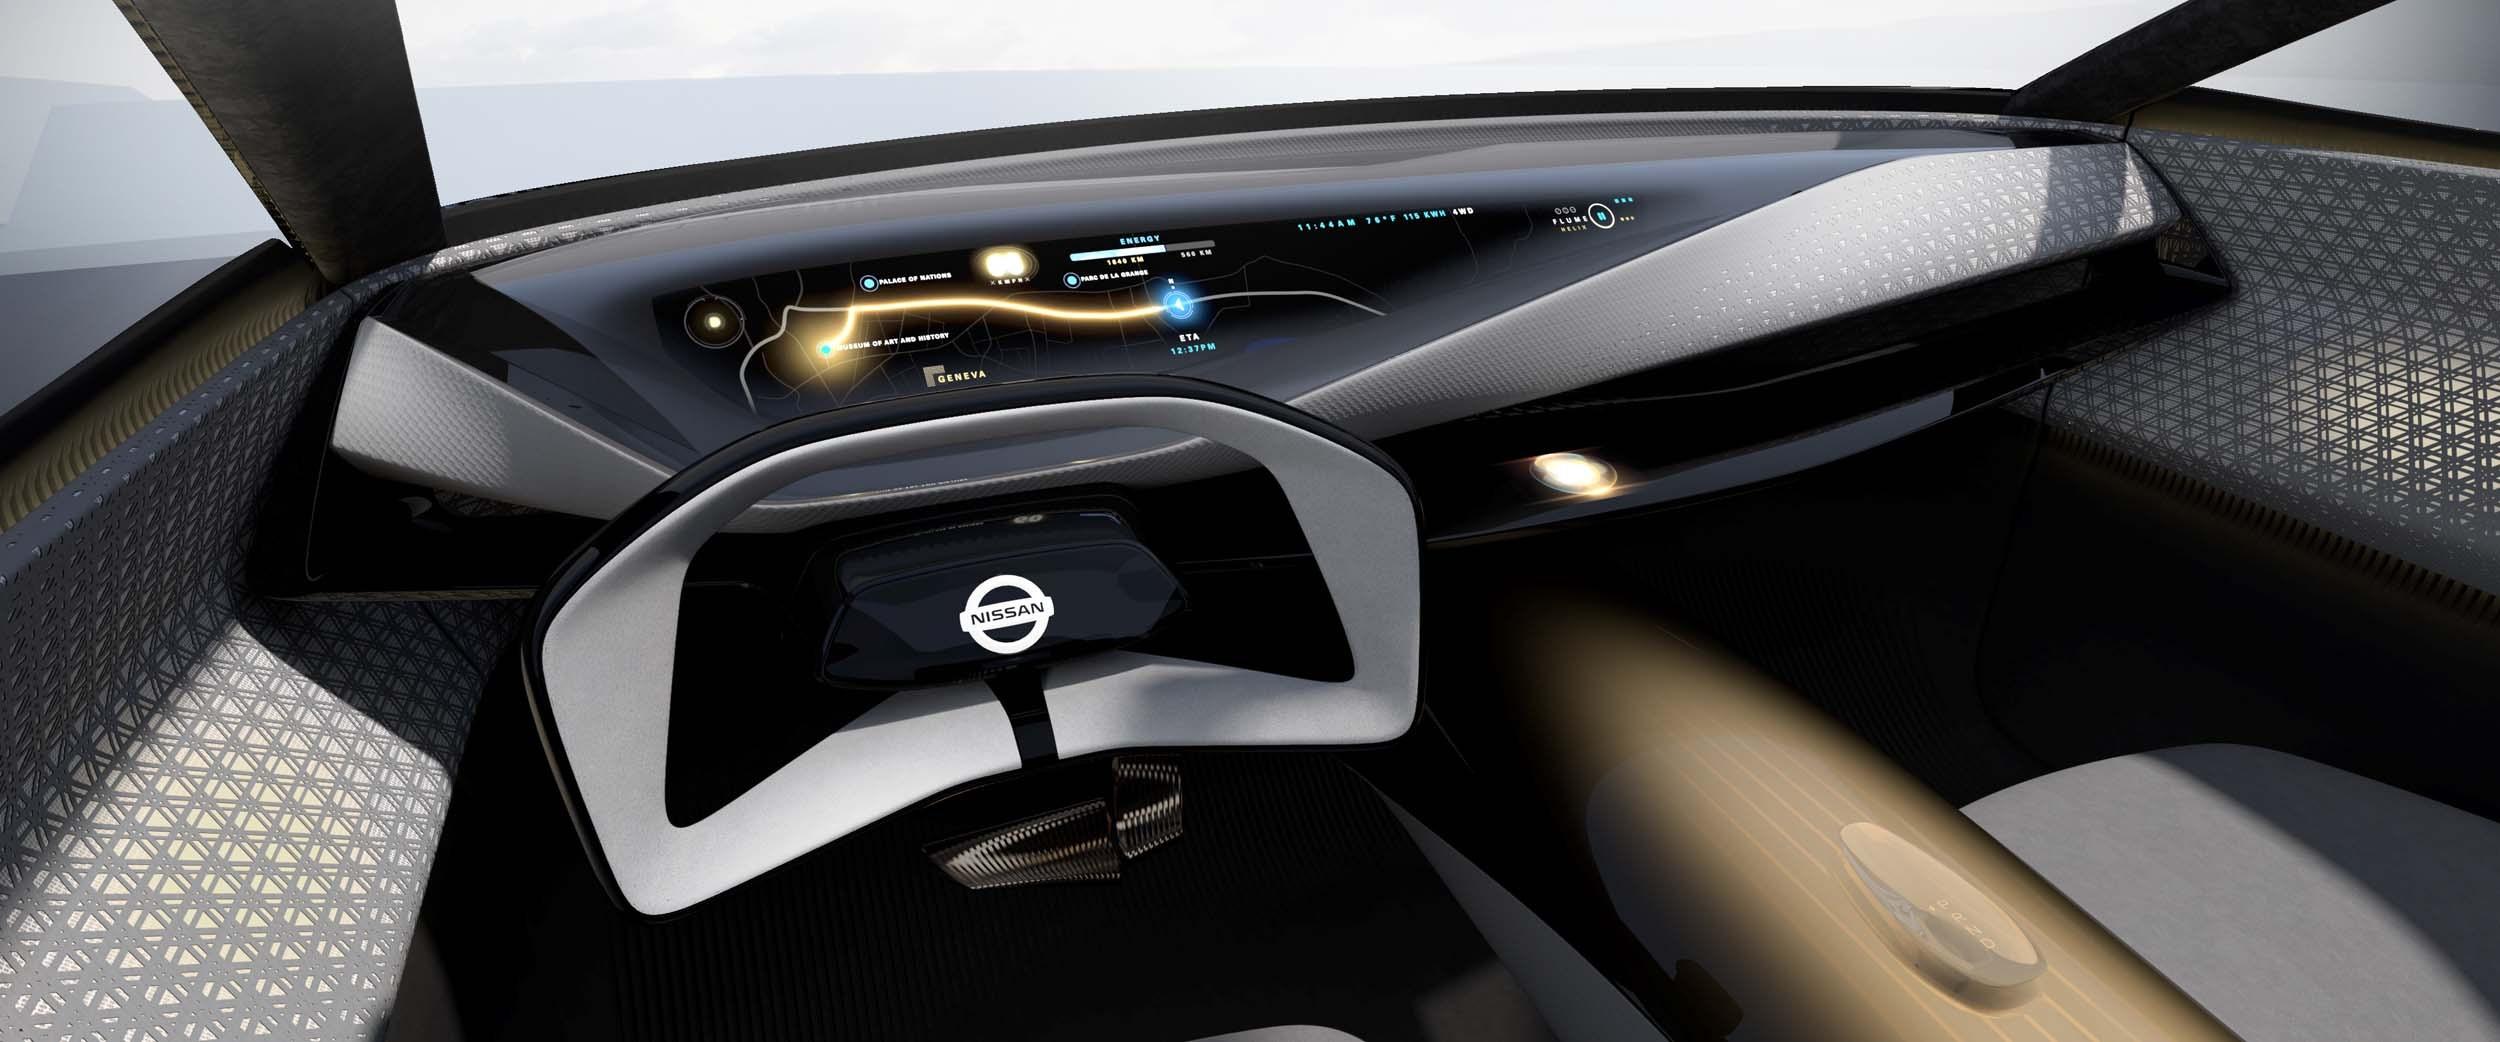 Εντυπωσιακό το πρωτότυπο IMQ με τεχνολογία e-power της Nissan